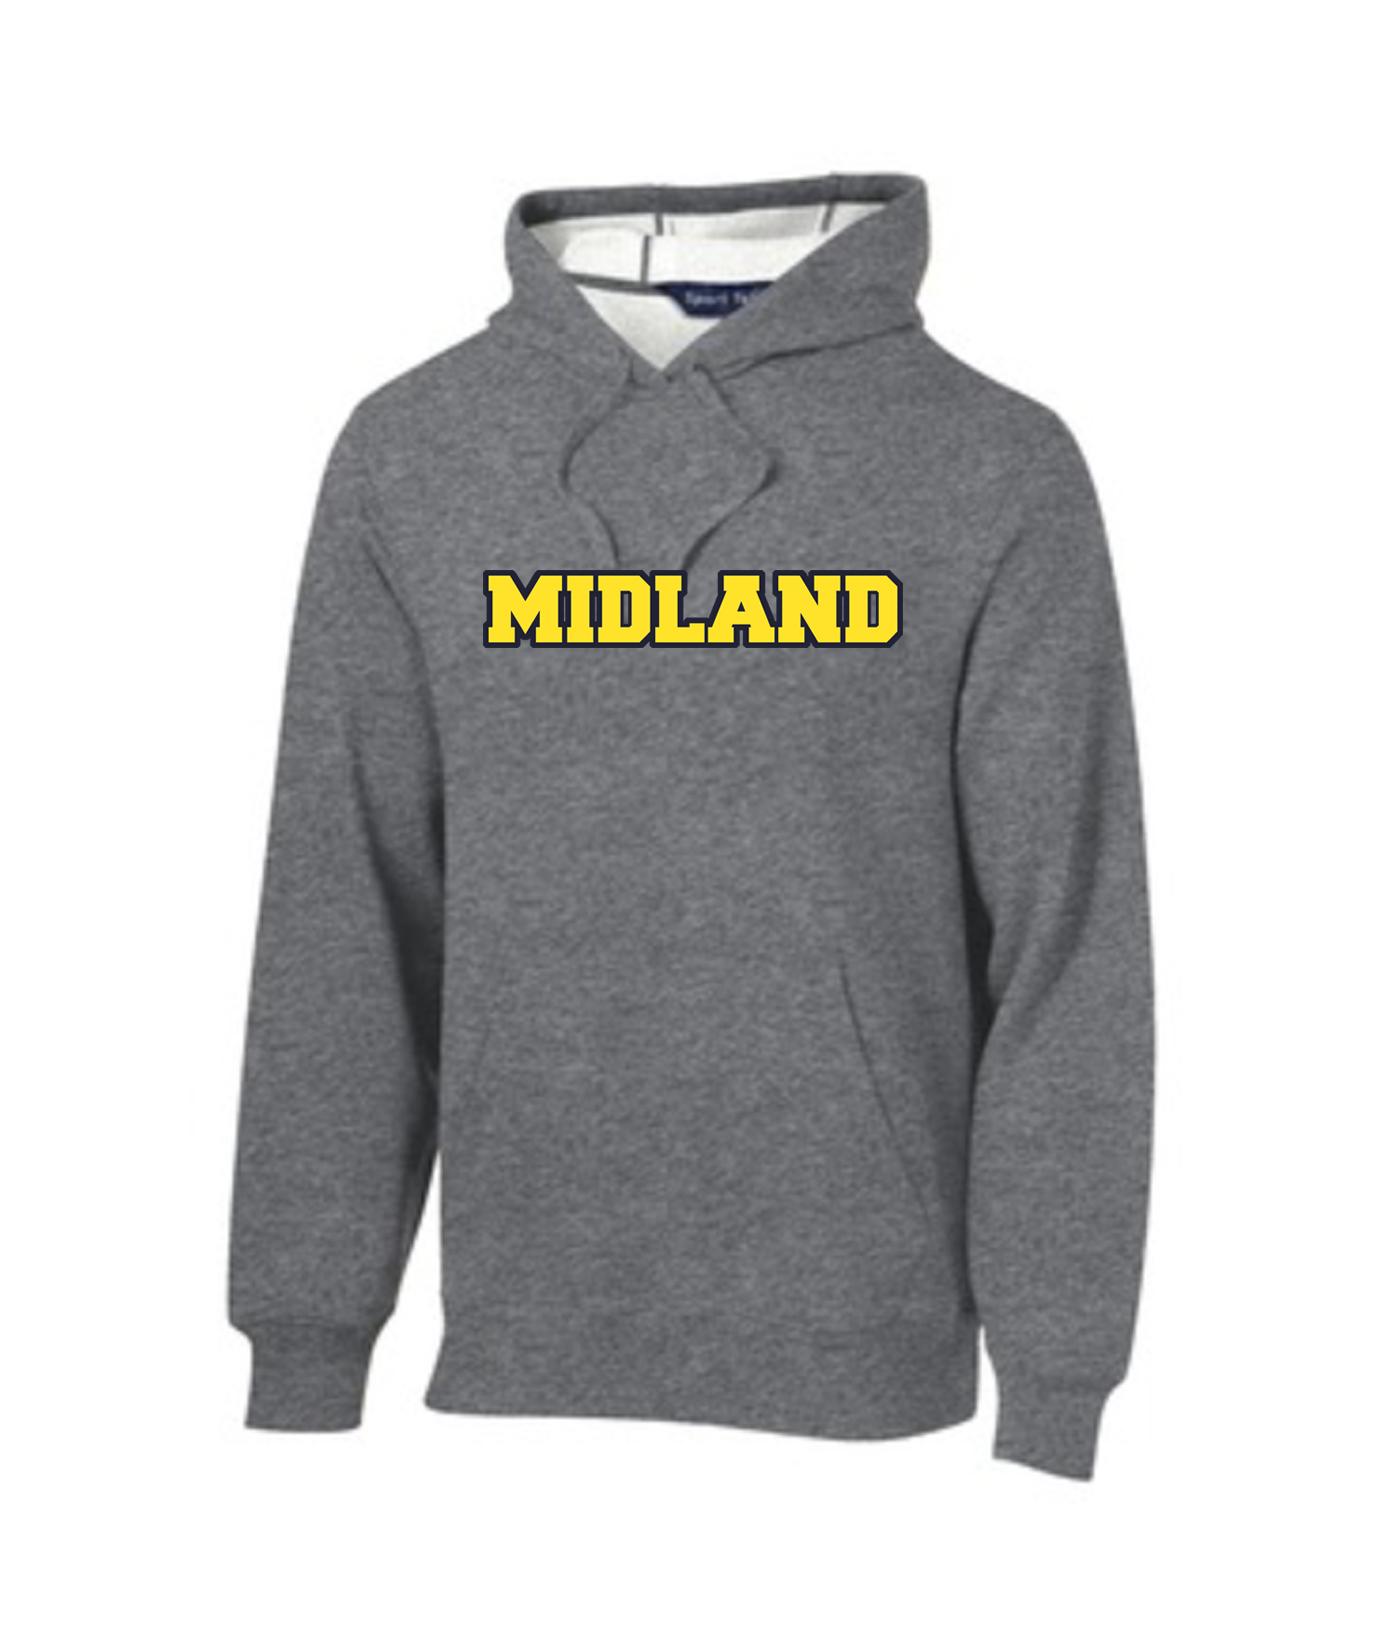 Sport-Tek Grey Pullover Hooded Sweatshirt Color Midland Navy Outline Gold Inside